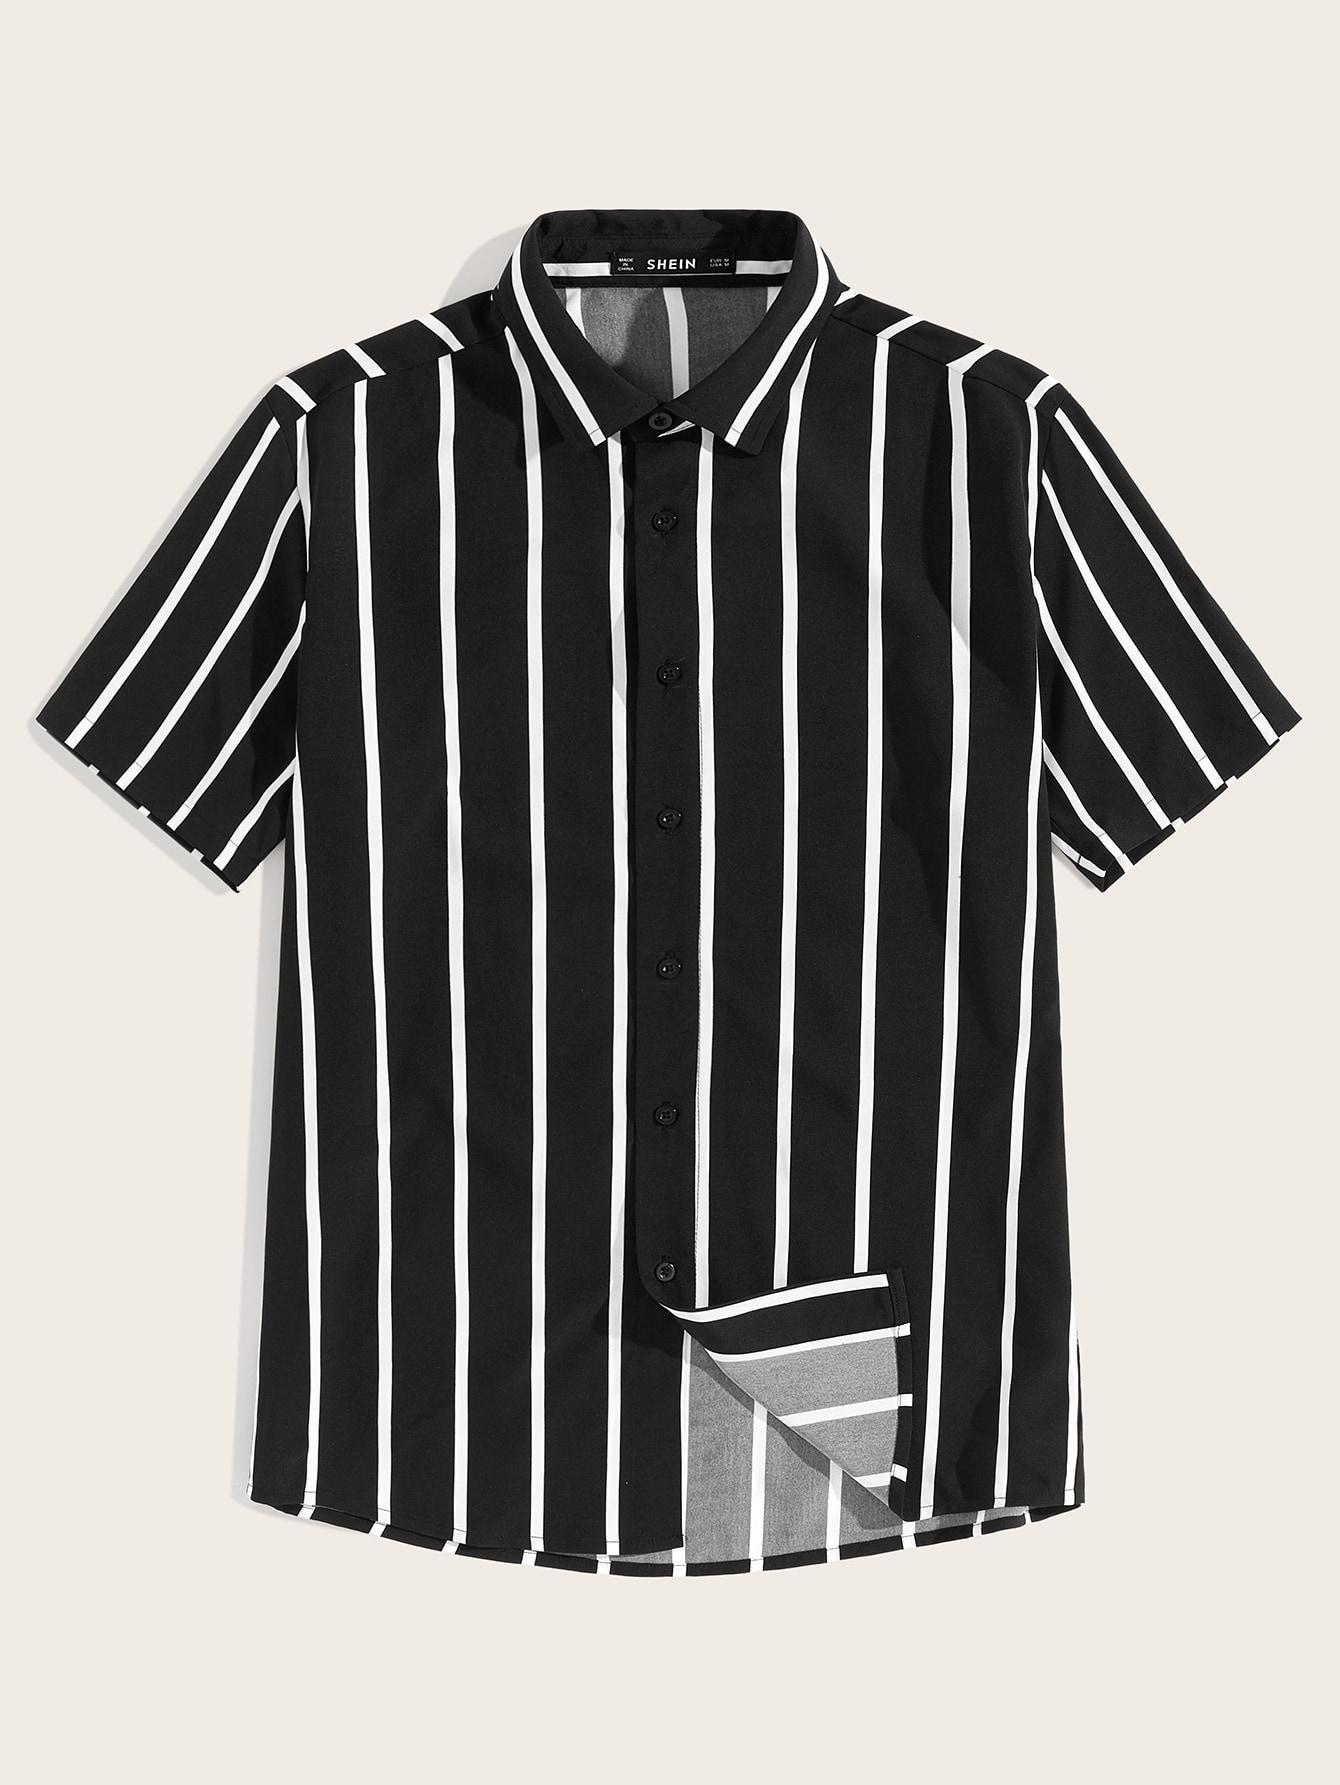 Фото - Мужская рубашка в полоску с пуговицами от SheIn цвет чёрнобелые